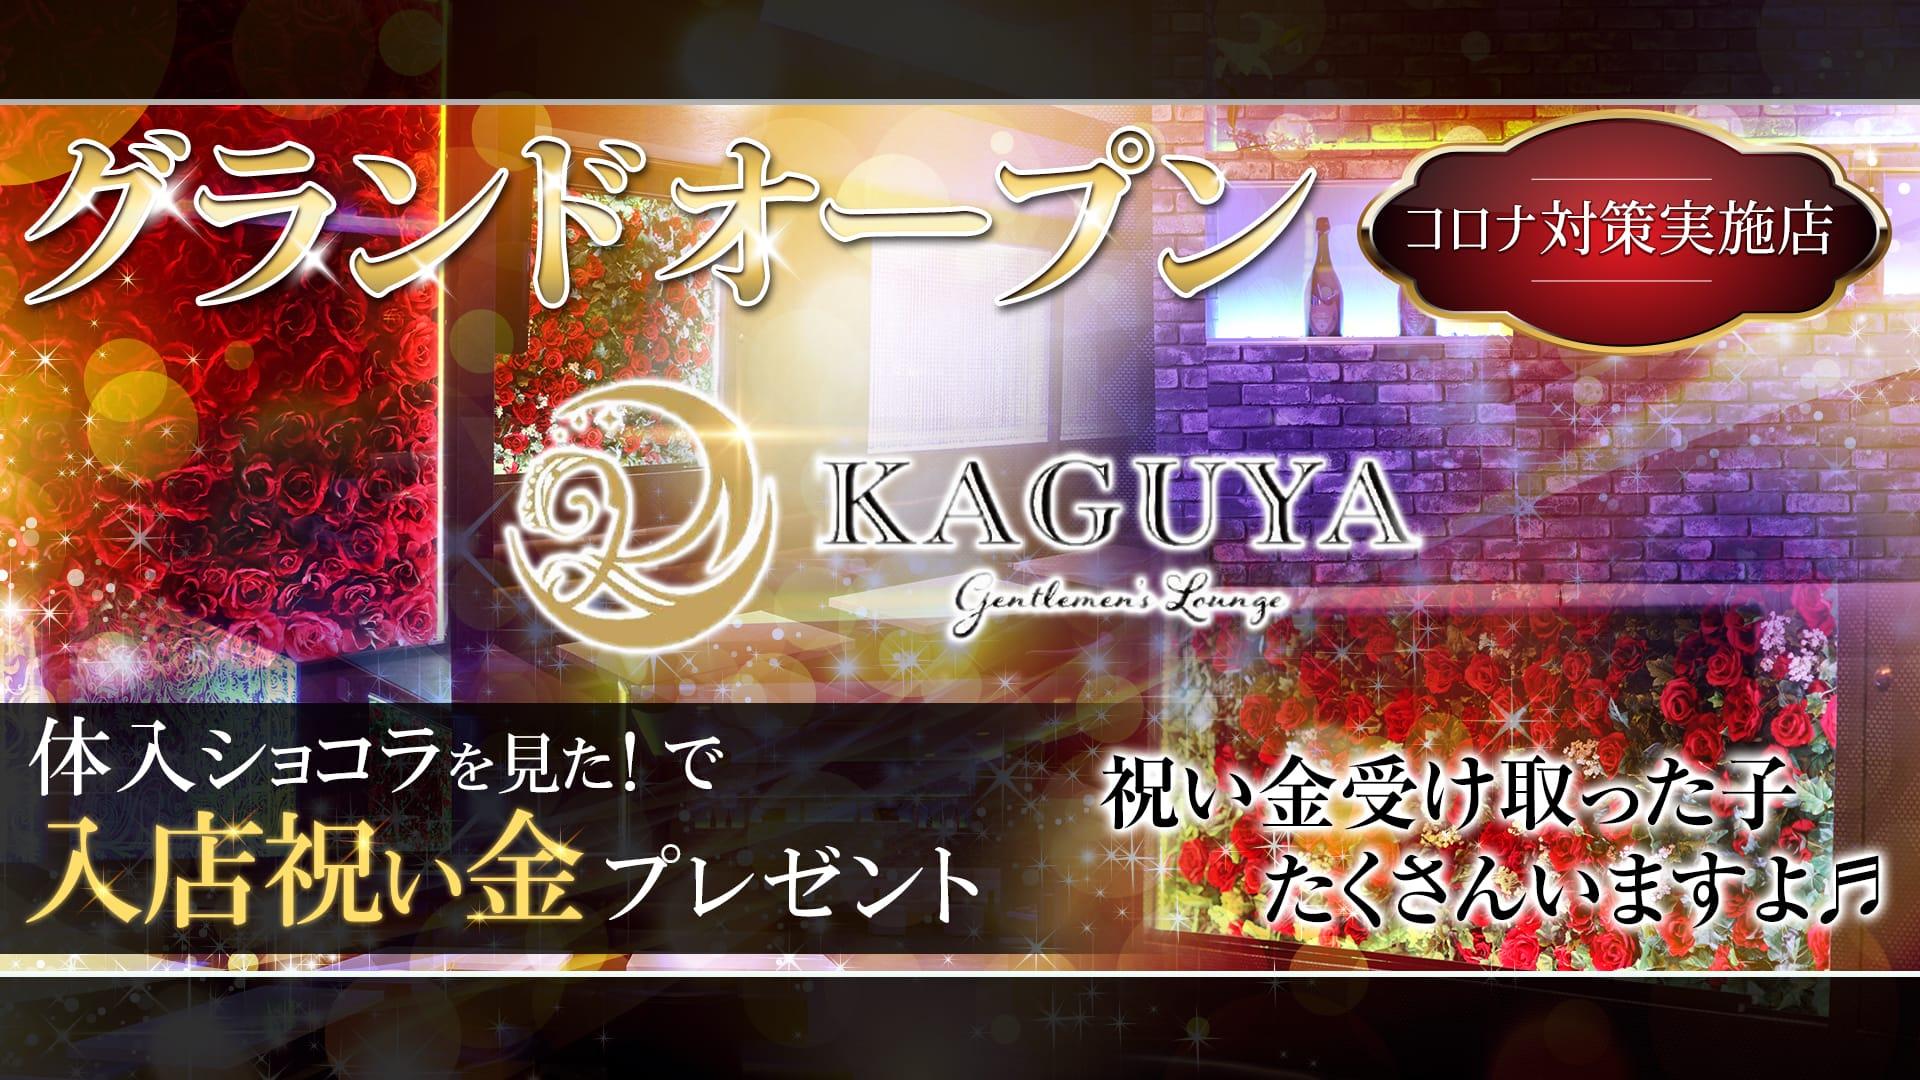 Gentlemen's Lounge KAGUYA(カグヤ) 千葉キャバクラ TOP画像